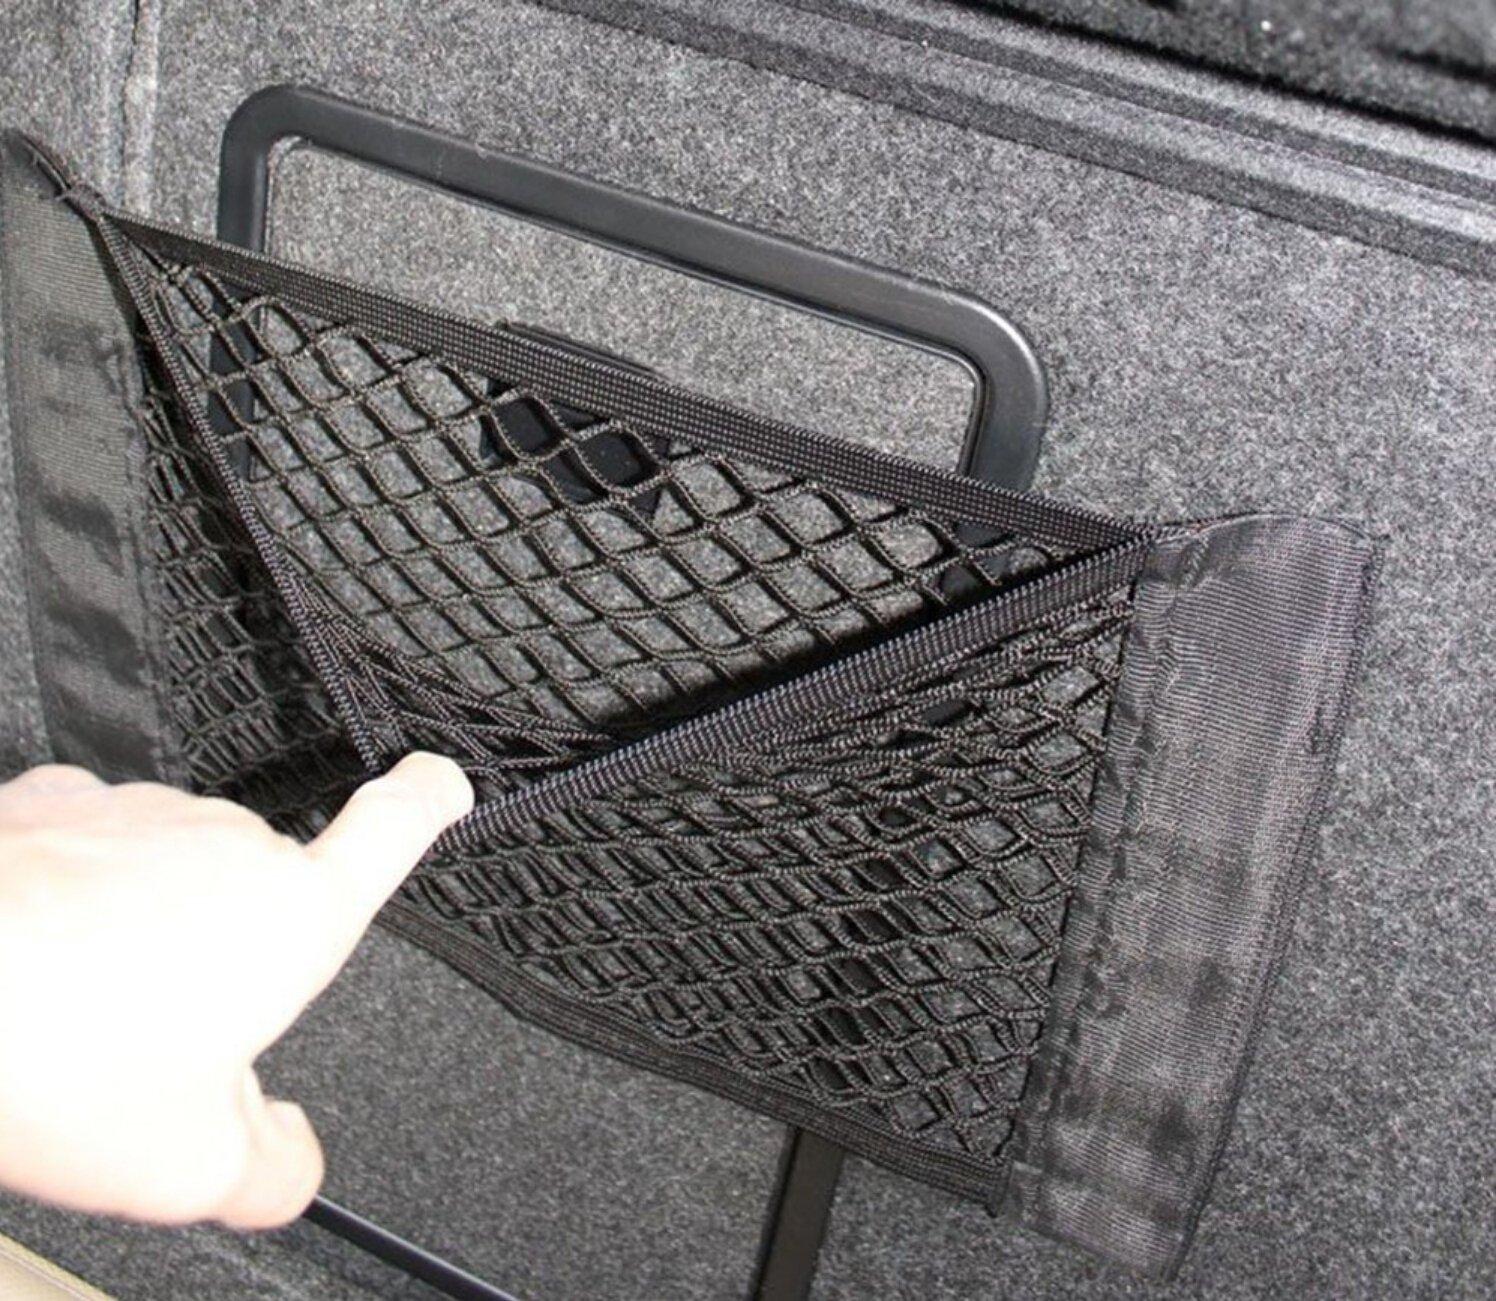 MOON Cargo Net 9 auto-adesivo per bagagli rete Oganizer-doppio strato, con tasca, adesivo, confezione da 1 9 MOON